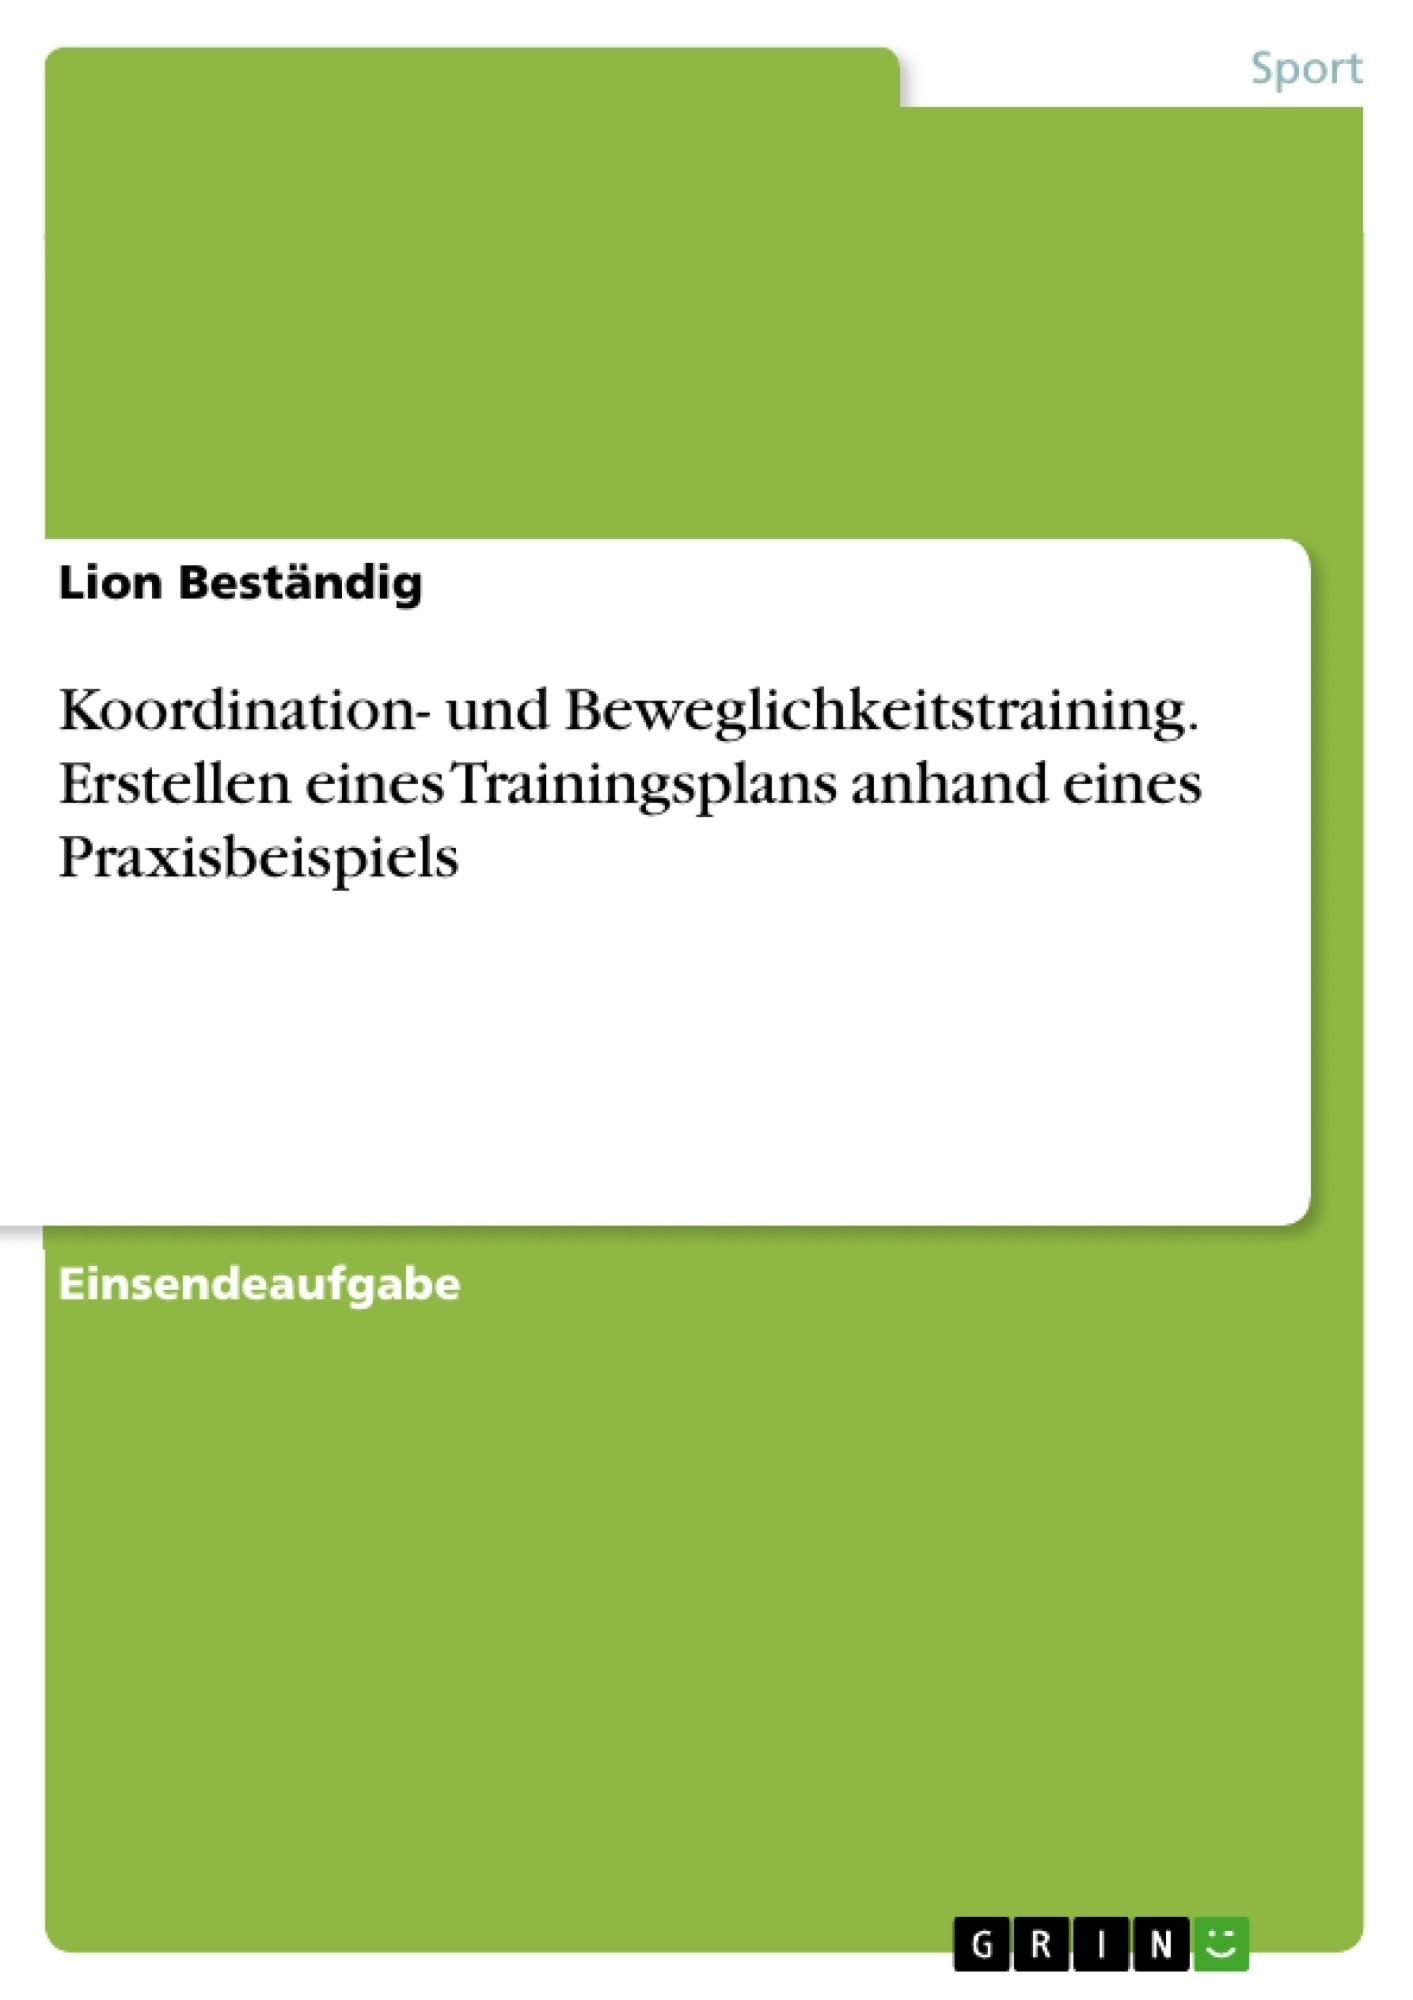 Titel: Koordination- und Beweglichkeitstraining. Erstellen eines Trainingsplans anhand eines Praxisbeispiels